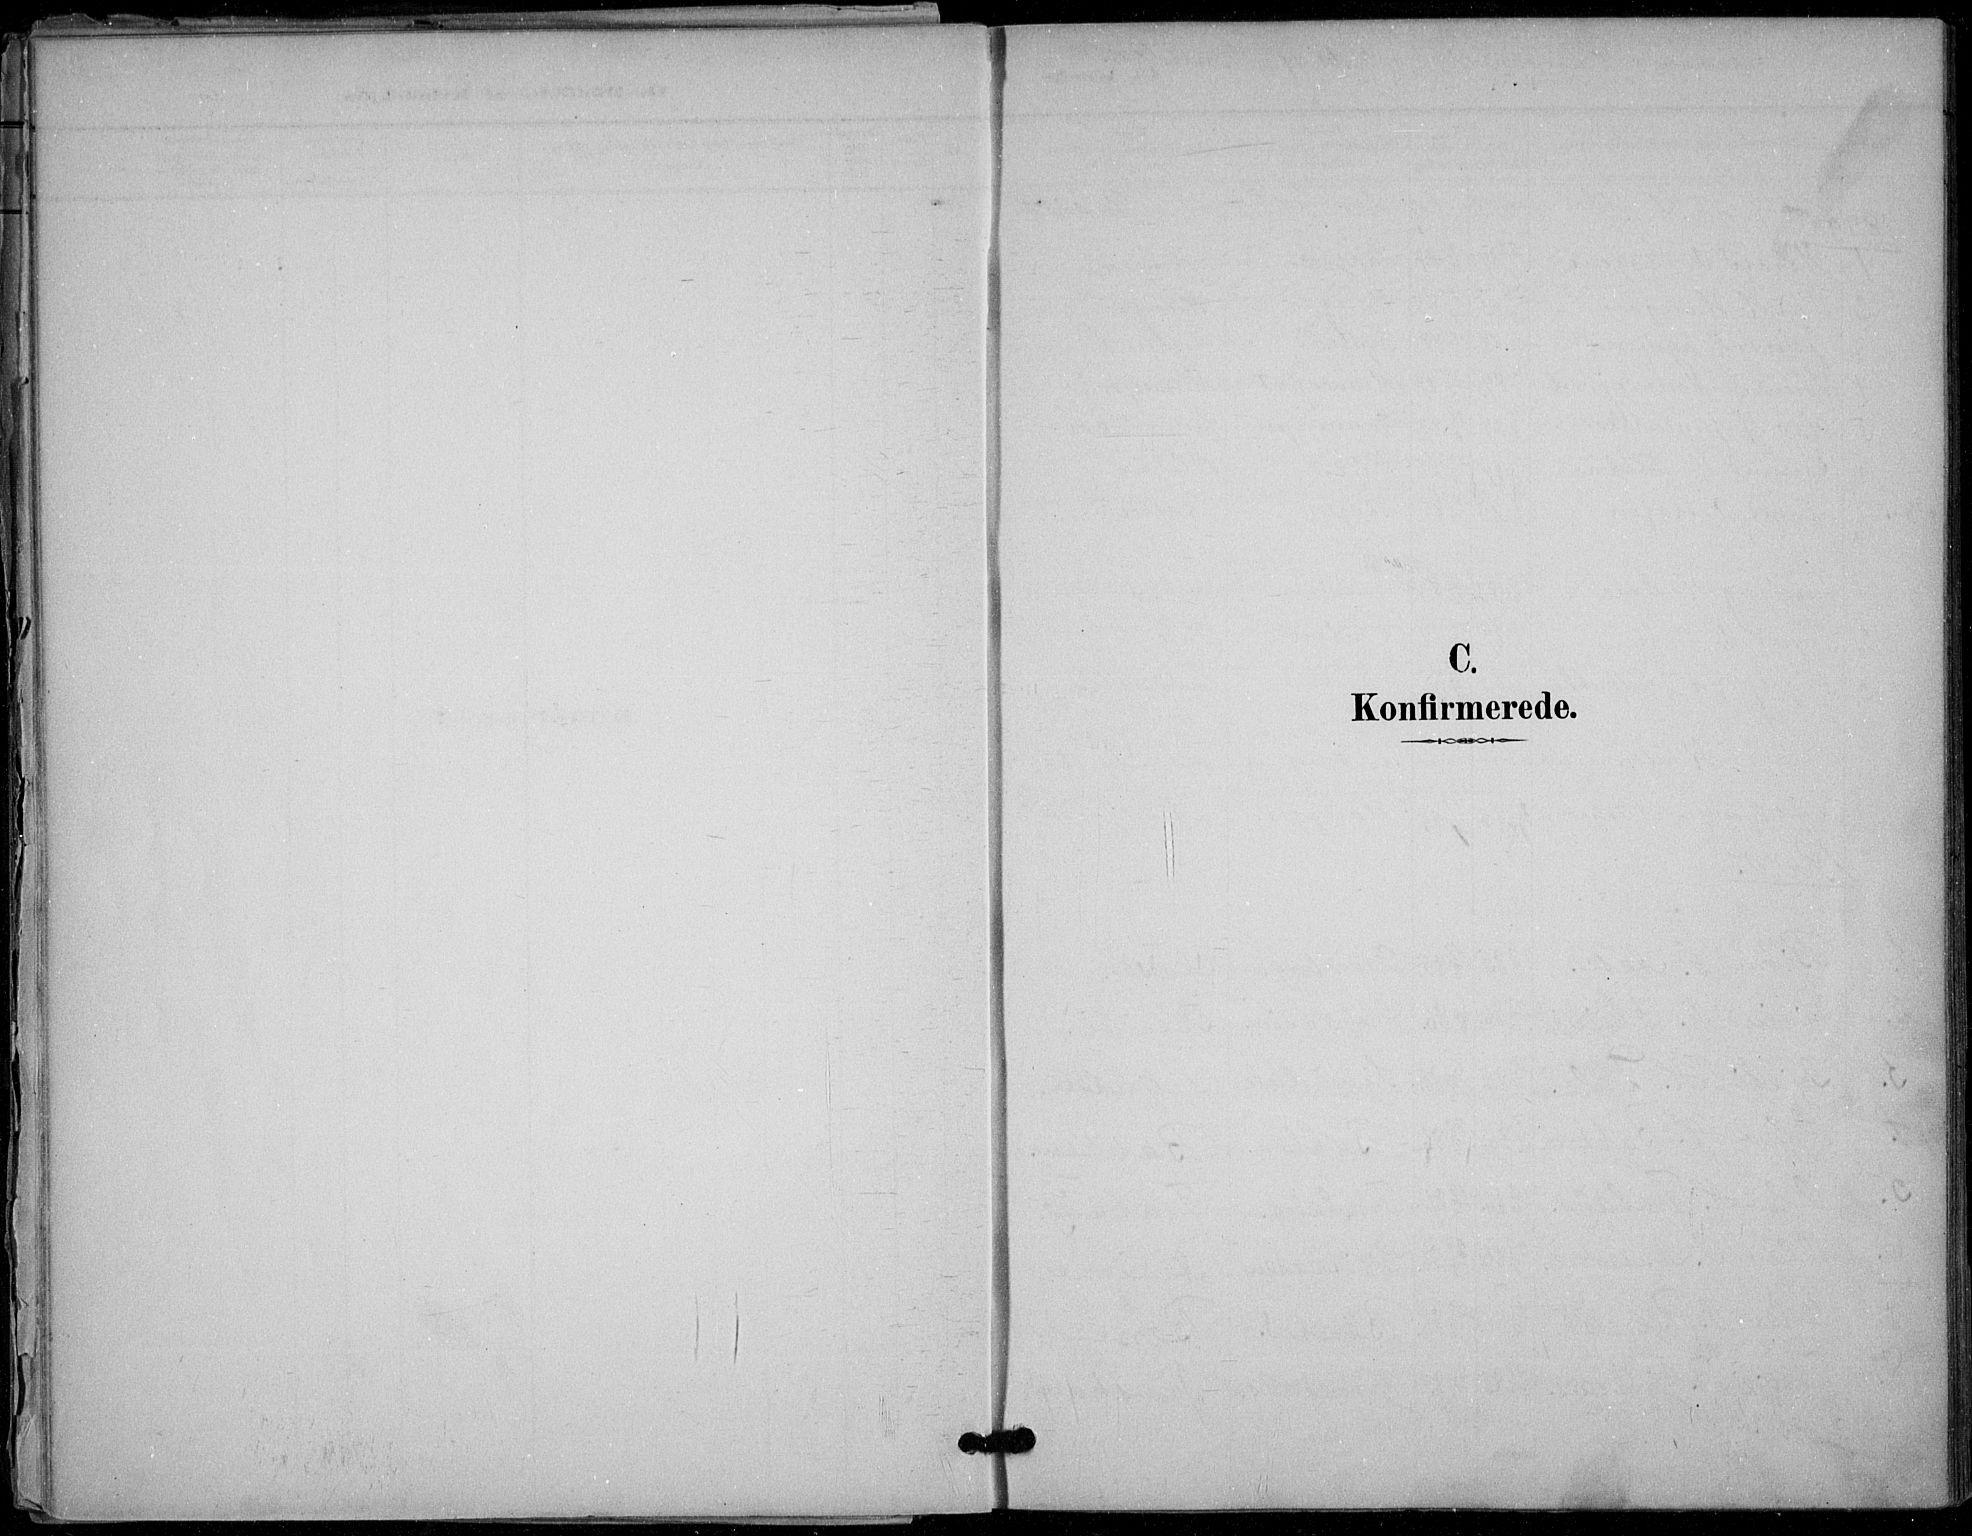 SAKO, Seljord kirkebøker, F/Fb/L0002: Ministerialbok nr. II 2, 1887-1917